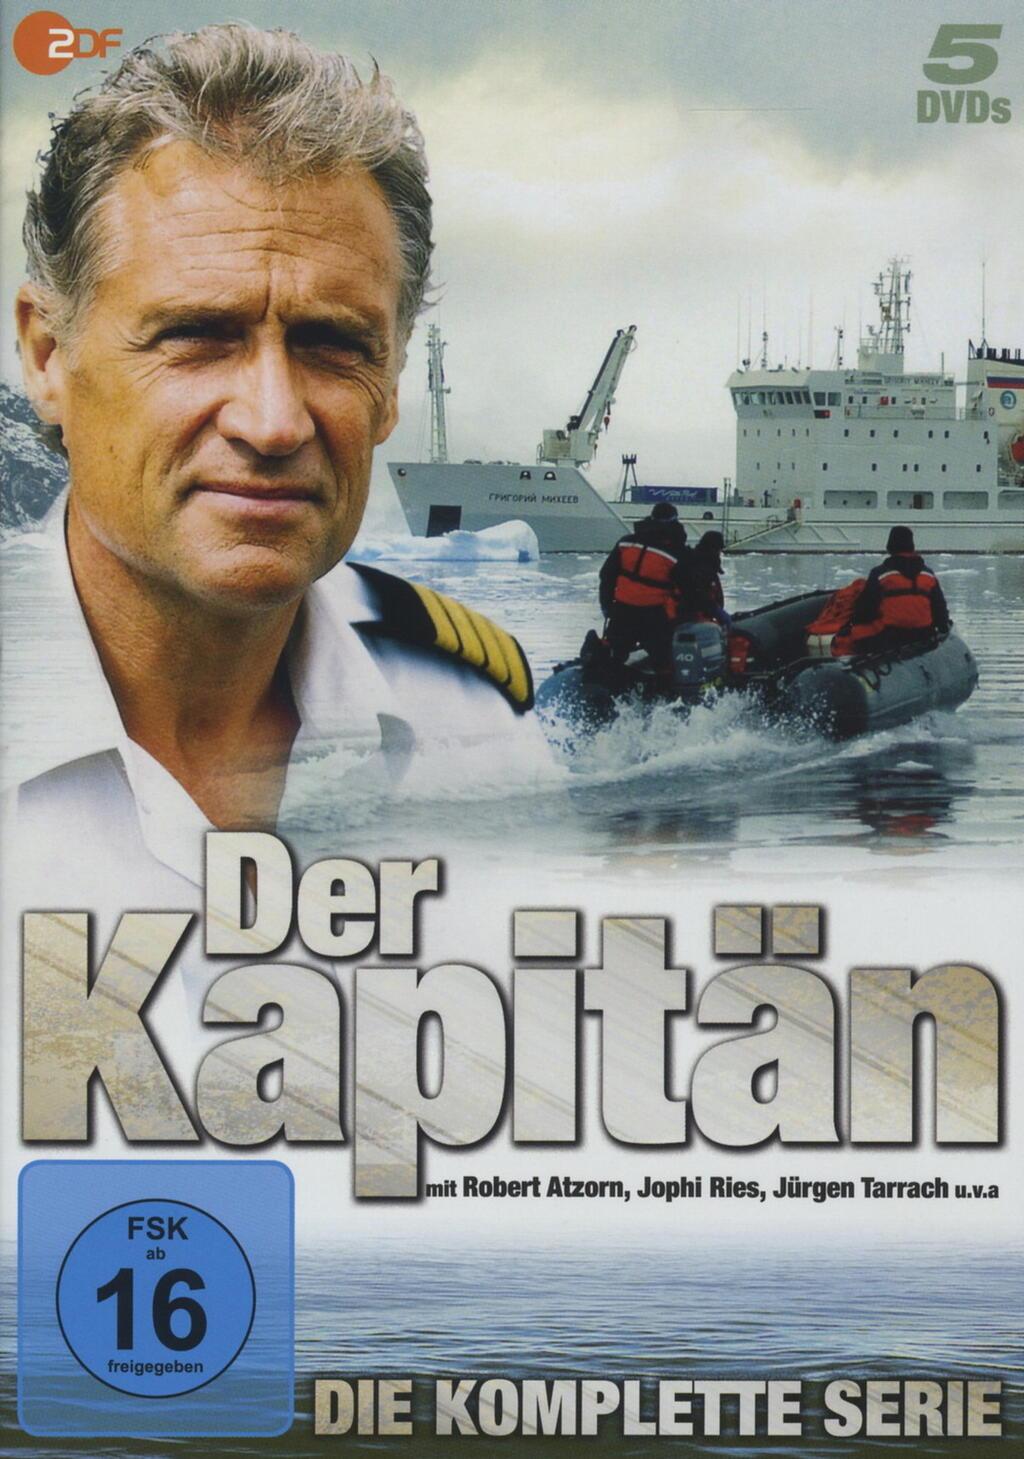 Der Kapitän: Kein Hafen für die Anastasia